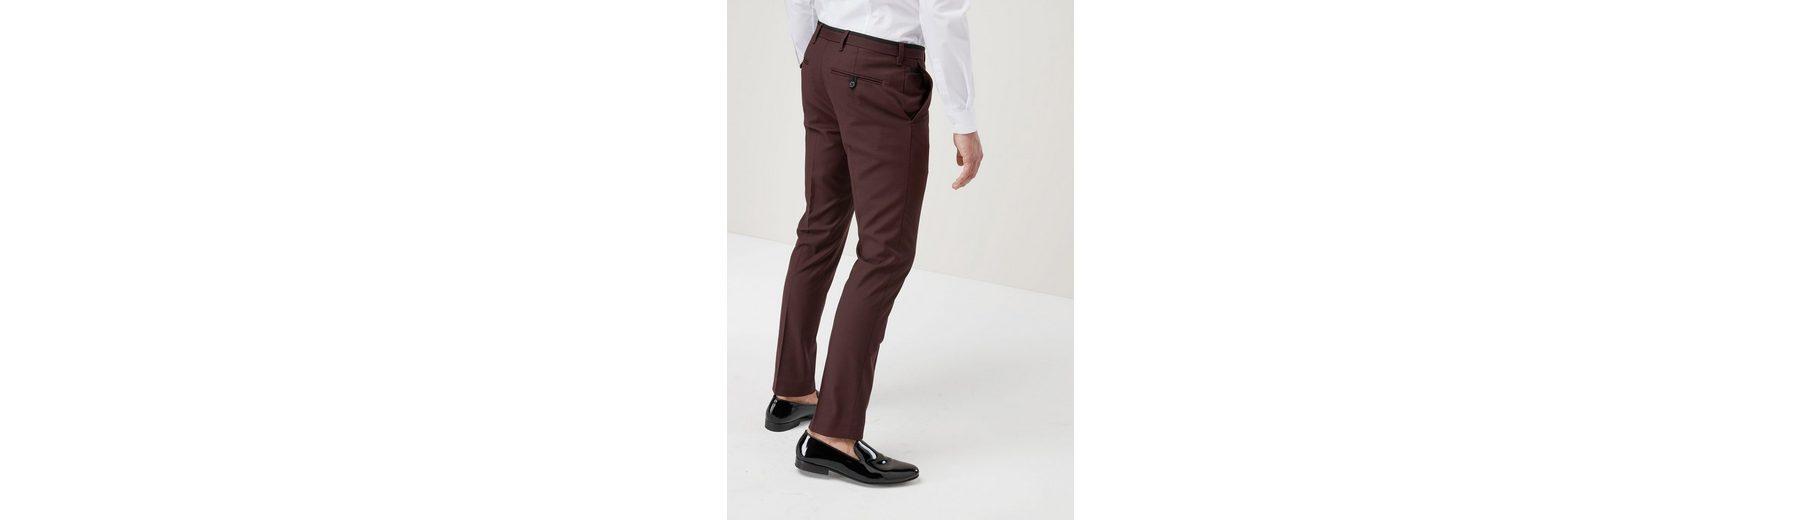 Next Elegante Hose im Slim-Fit Empfehlen Online Zum Verkauf Offizieller Seite Ansehen Günstig Online Steckdose Mit Master YkYYpQaO